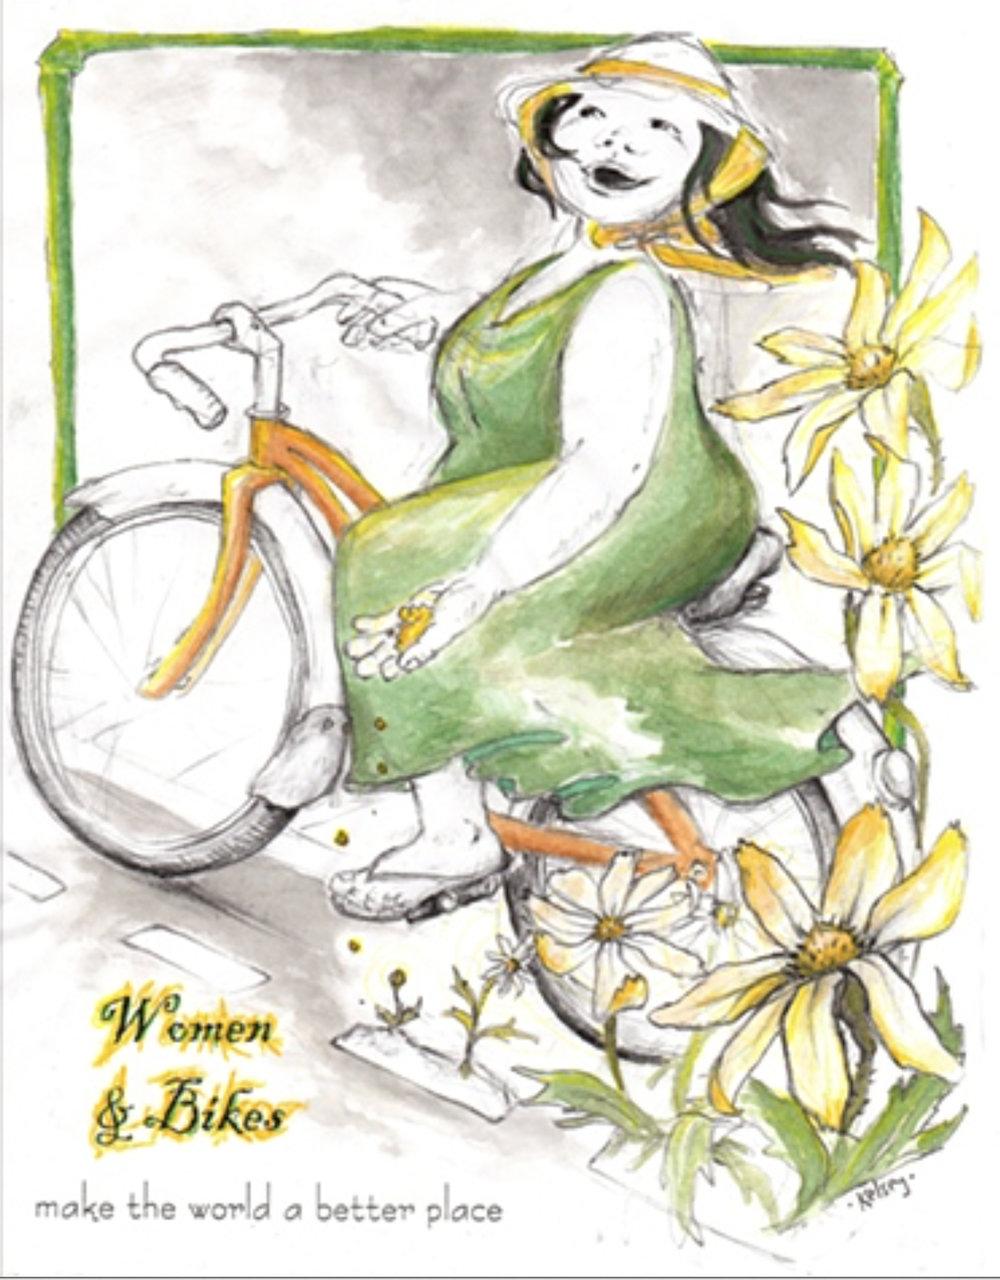 Woman On Bike painting.jpg